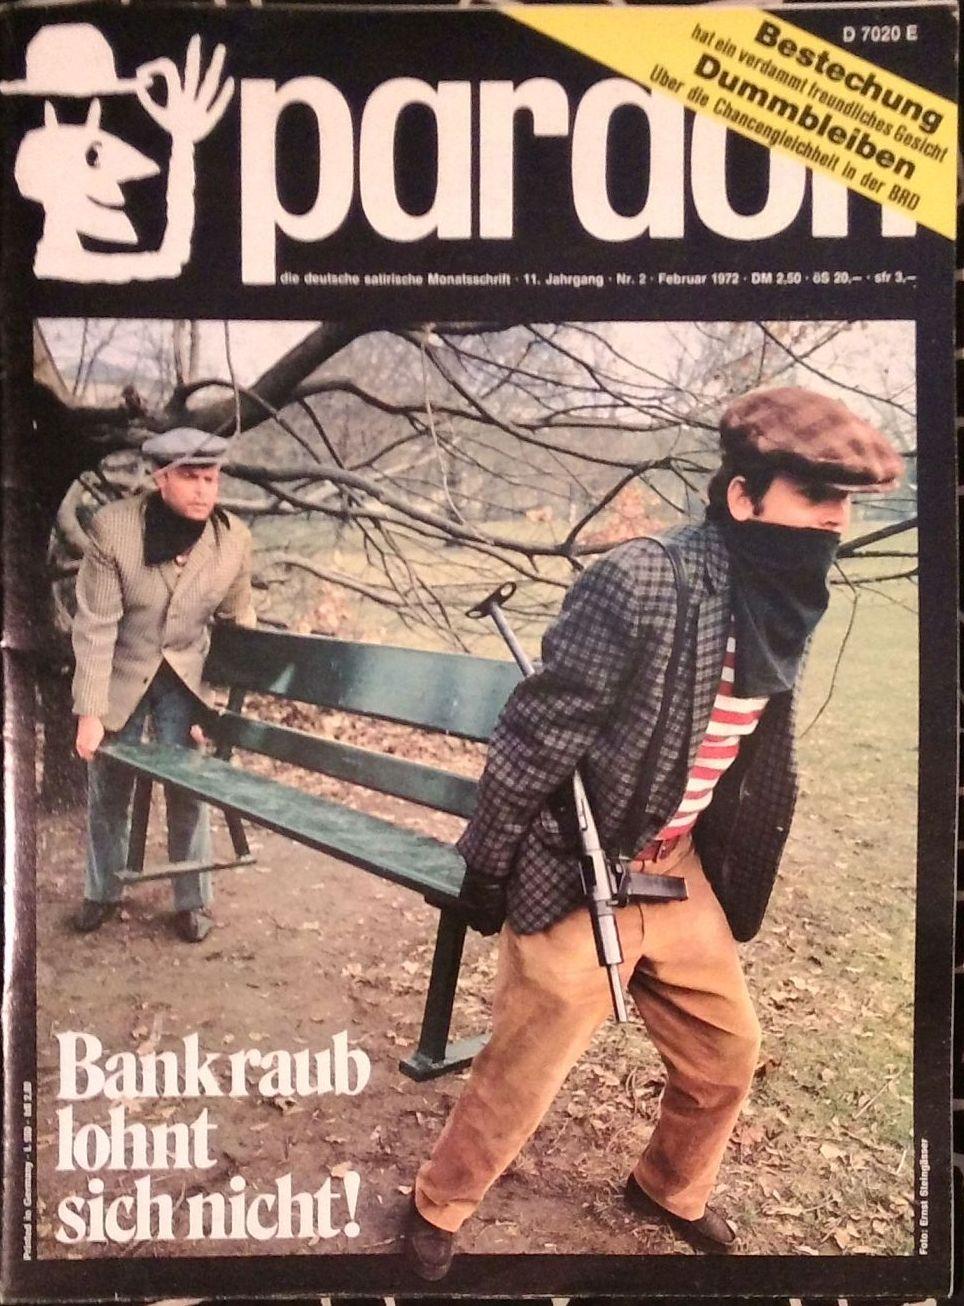 Pardon Die Deutsche Satirische Monatsschrift By Westdeutsche